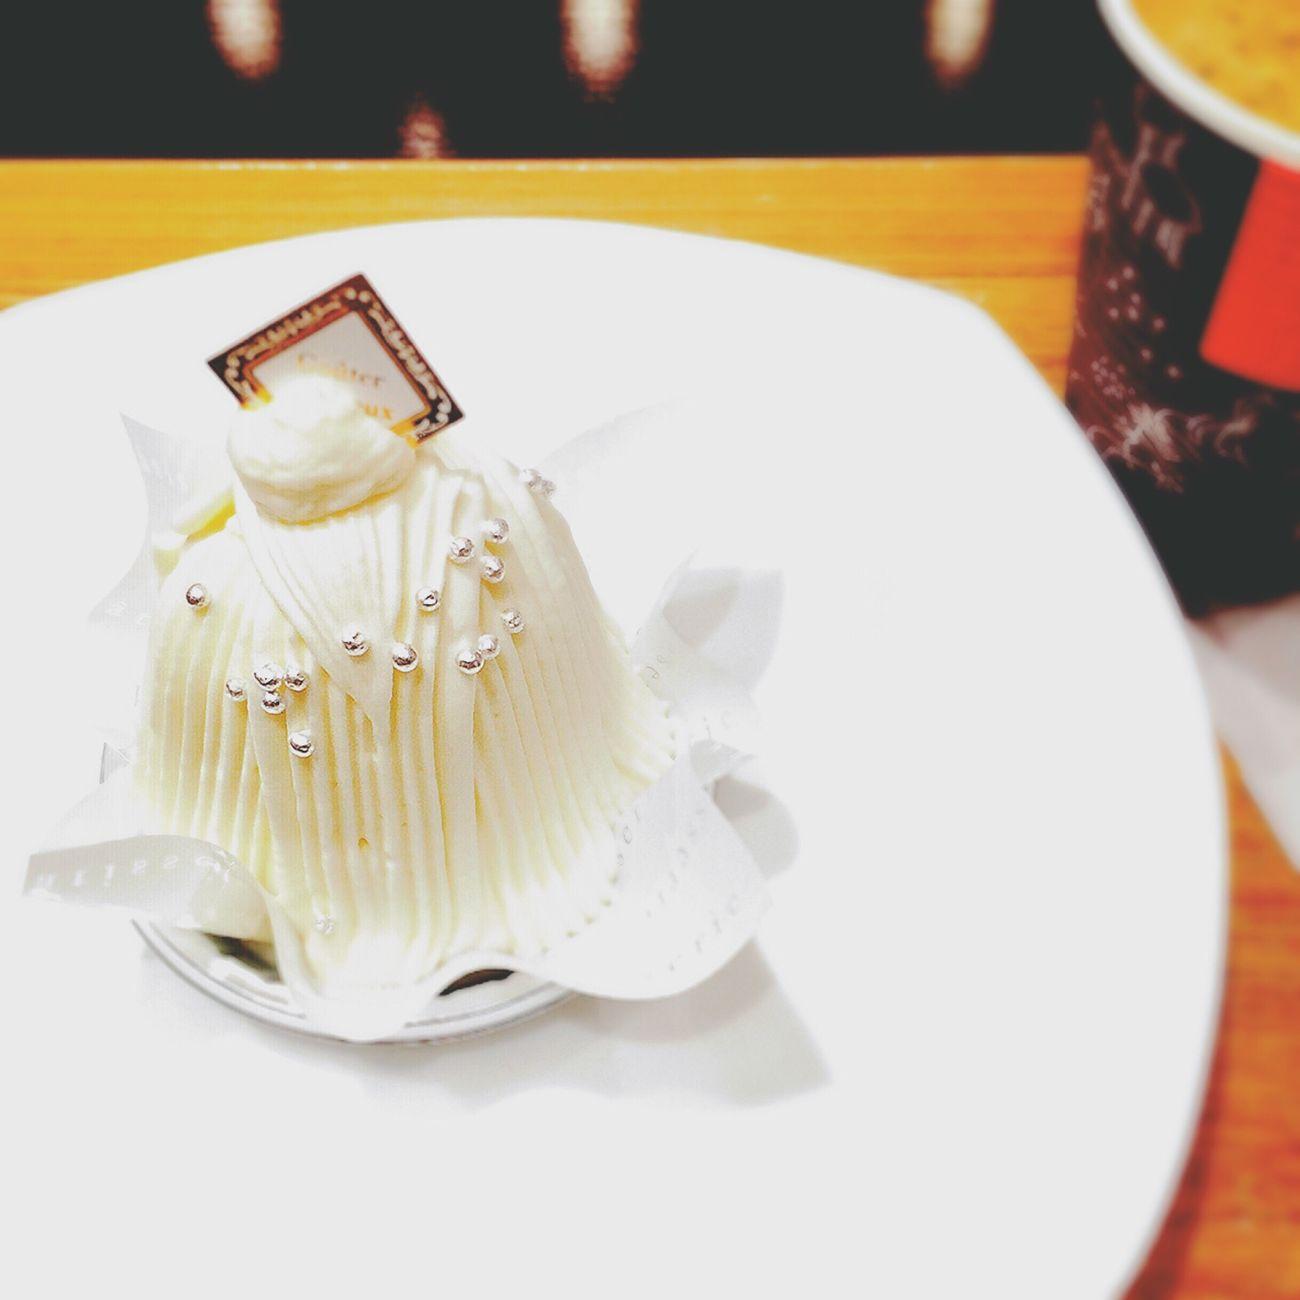 いつかの白いモンブラン。モンブランは、大好きよ●´ᆺ`●♡ モンブラン Mont Blanc ケーキ Cake